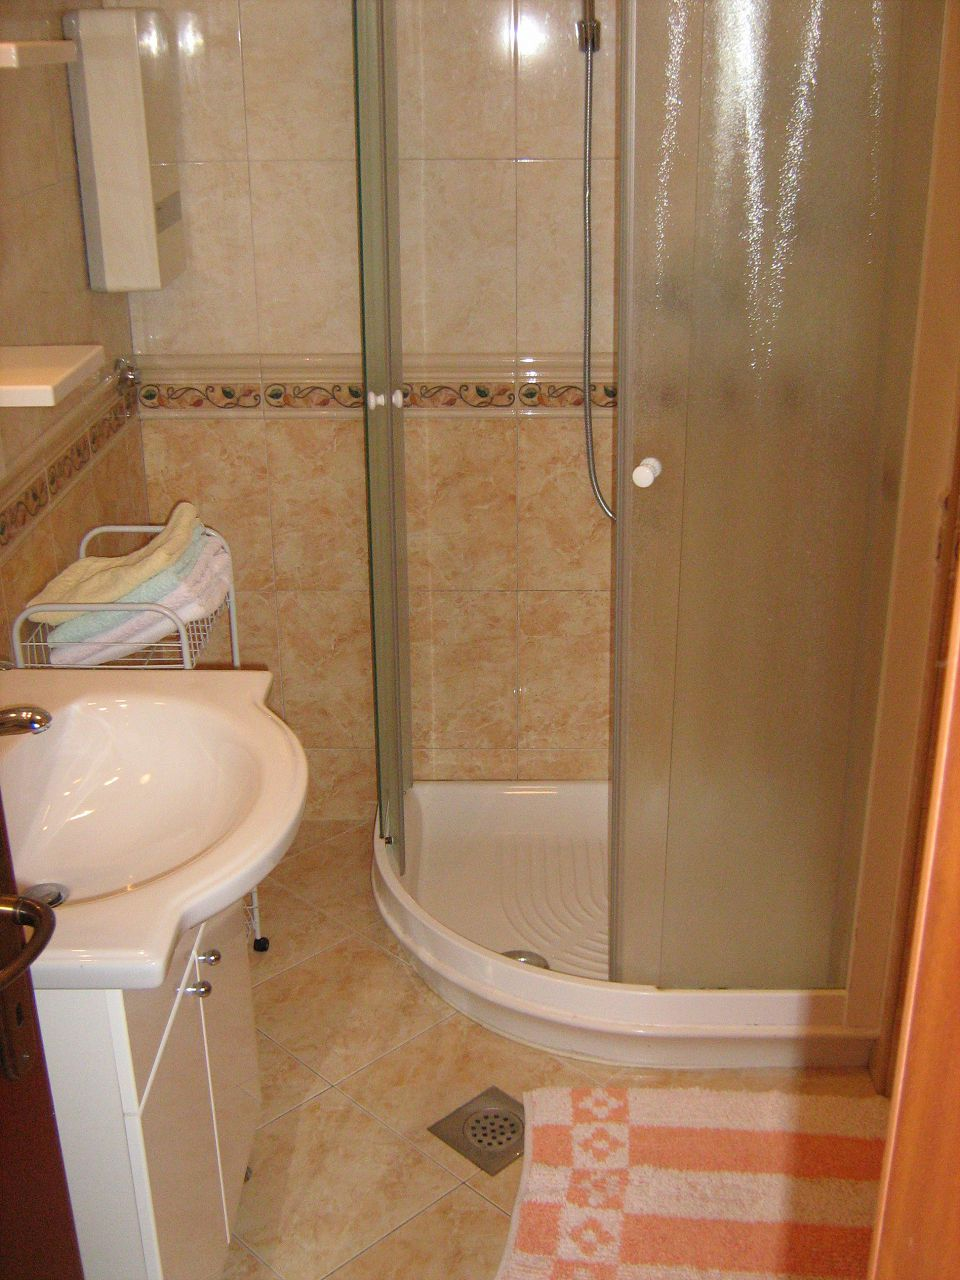 00209PISA  - Pisak - Ferienwohnungen Kroatien - A5 (2+2): Badezimmer mit Toilette